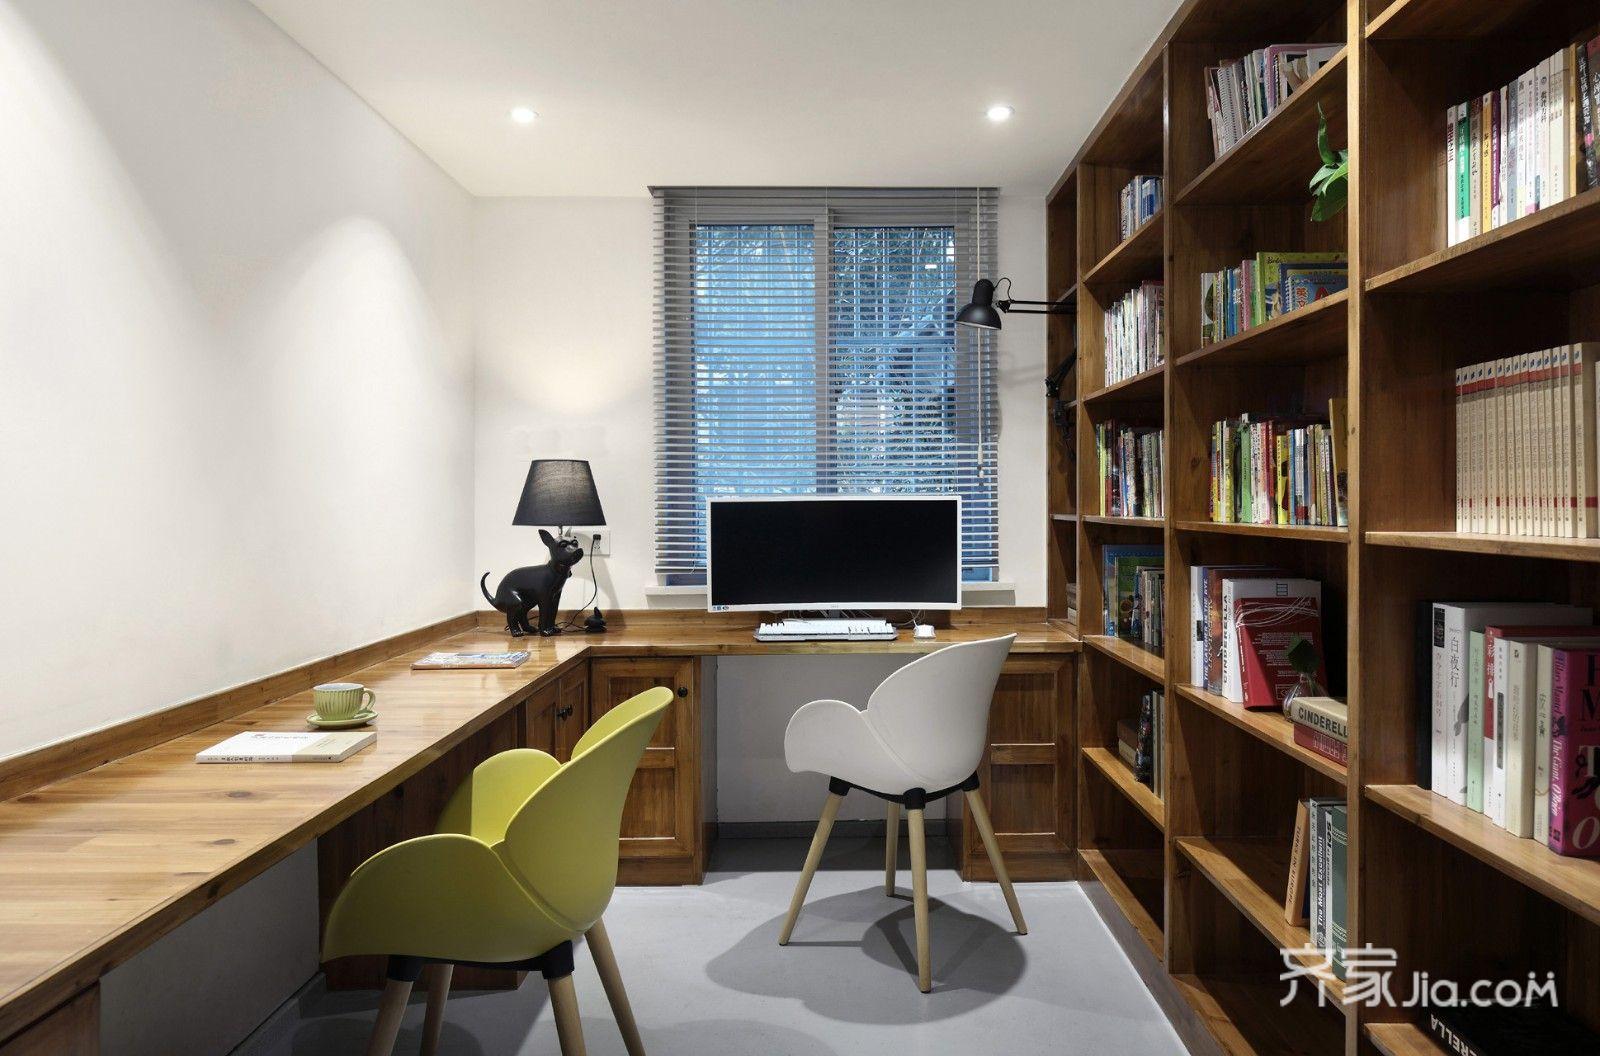 150平米简约复式装修书房效果图